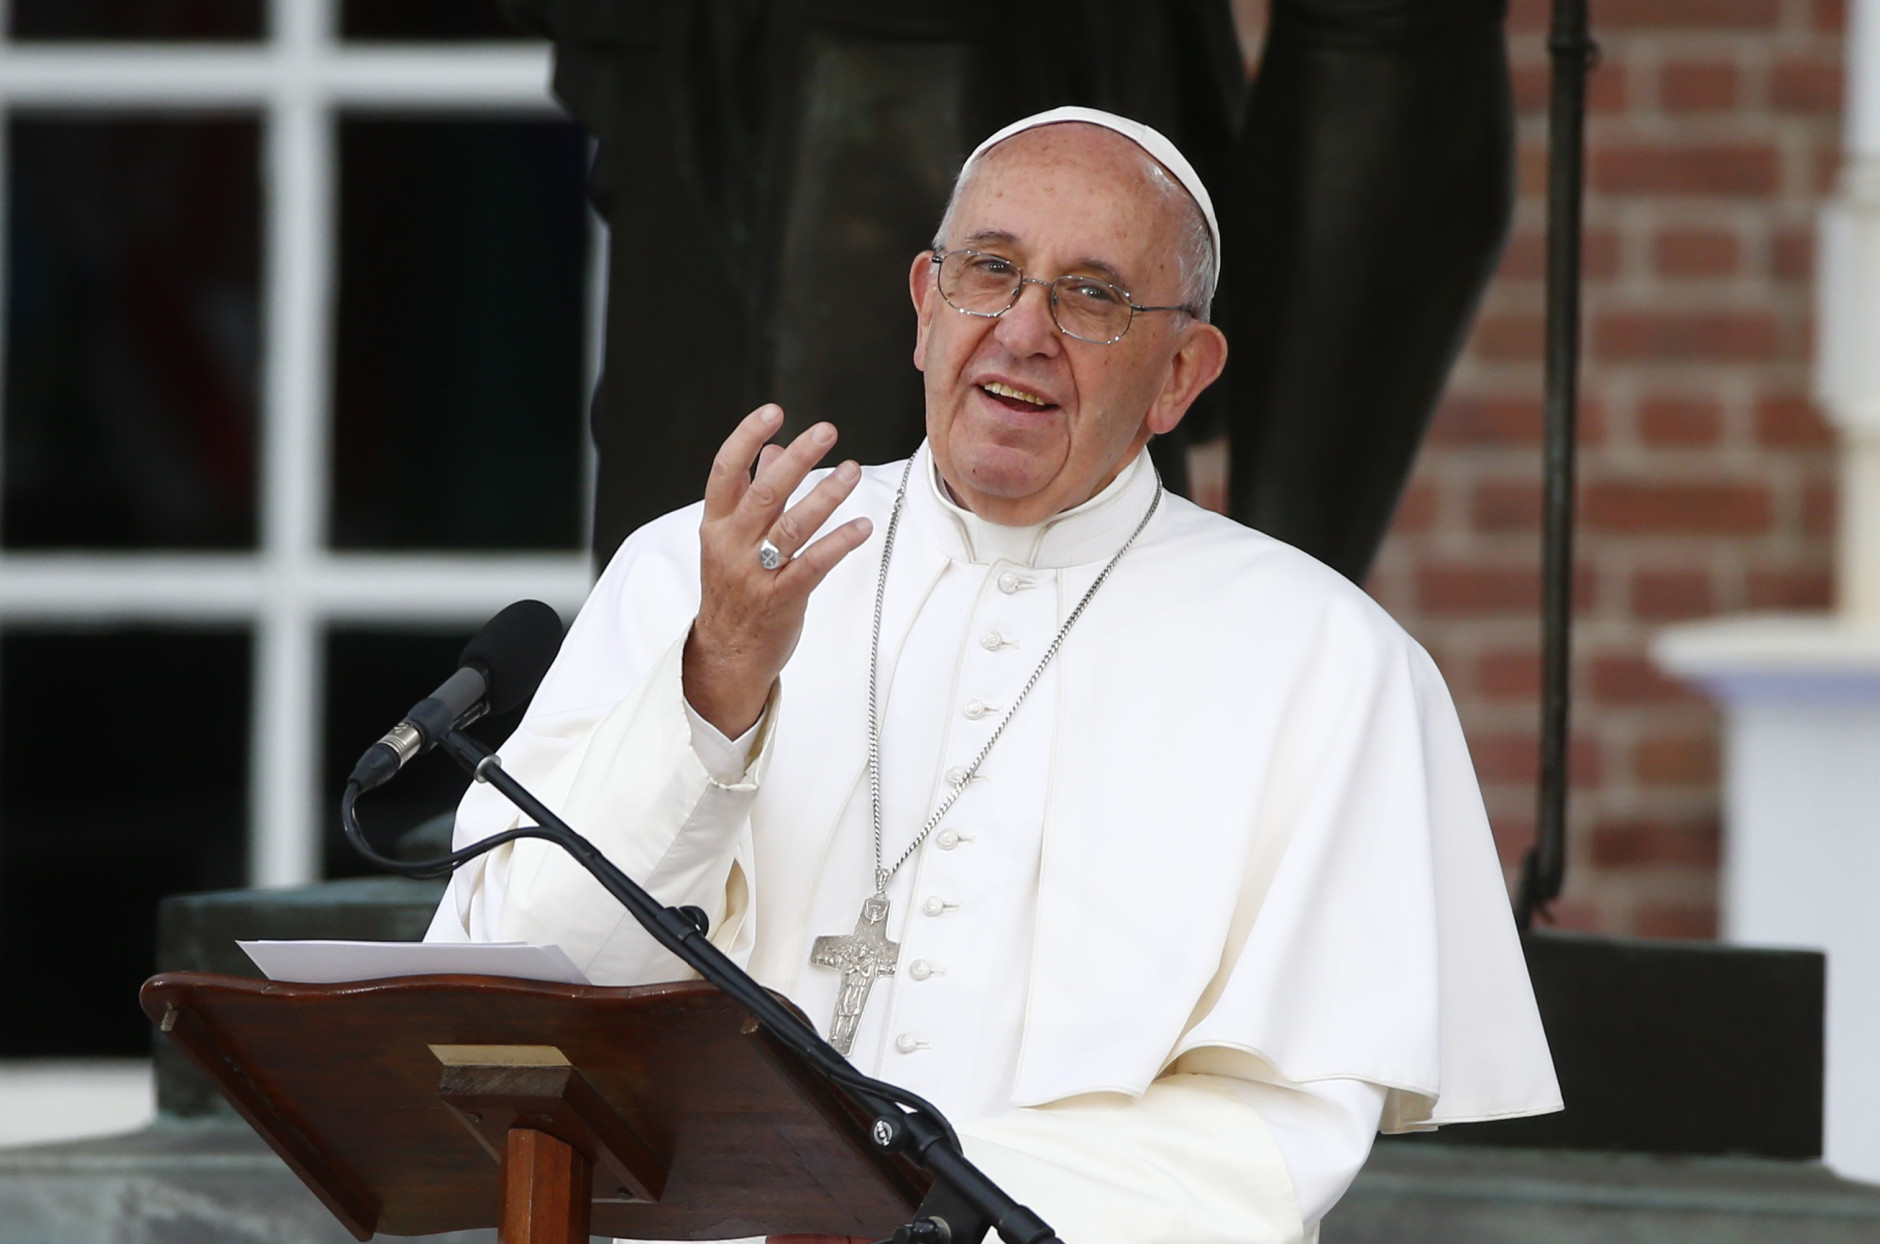 Папа: свобода вероисповедания не является частным делом